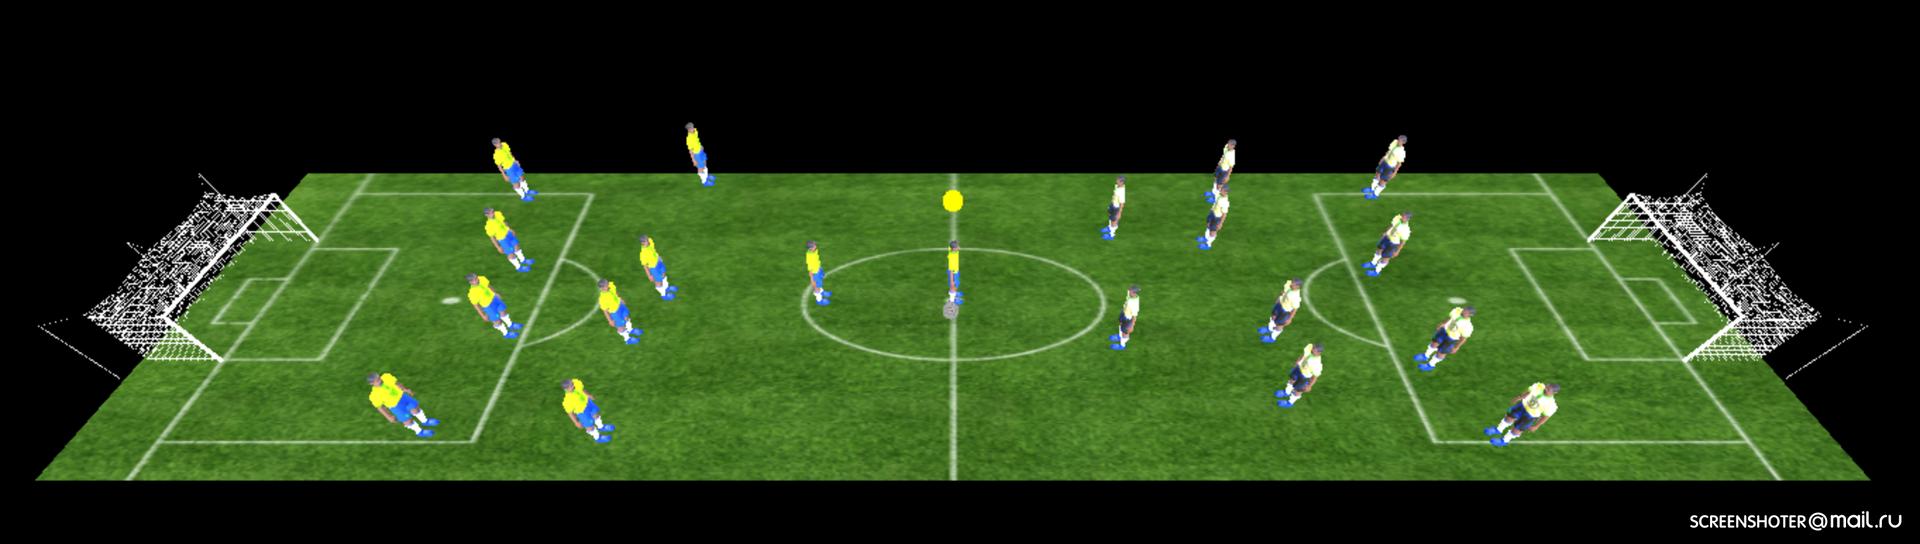 Как я браузерный 3D-футбол писала. Часть 1